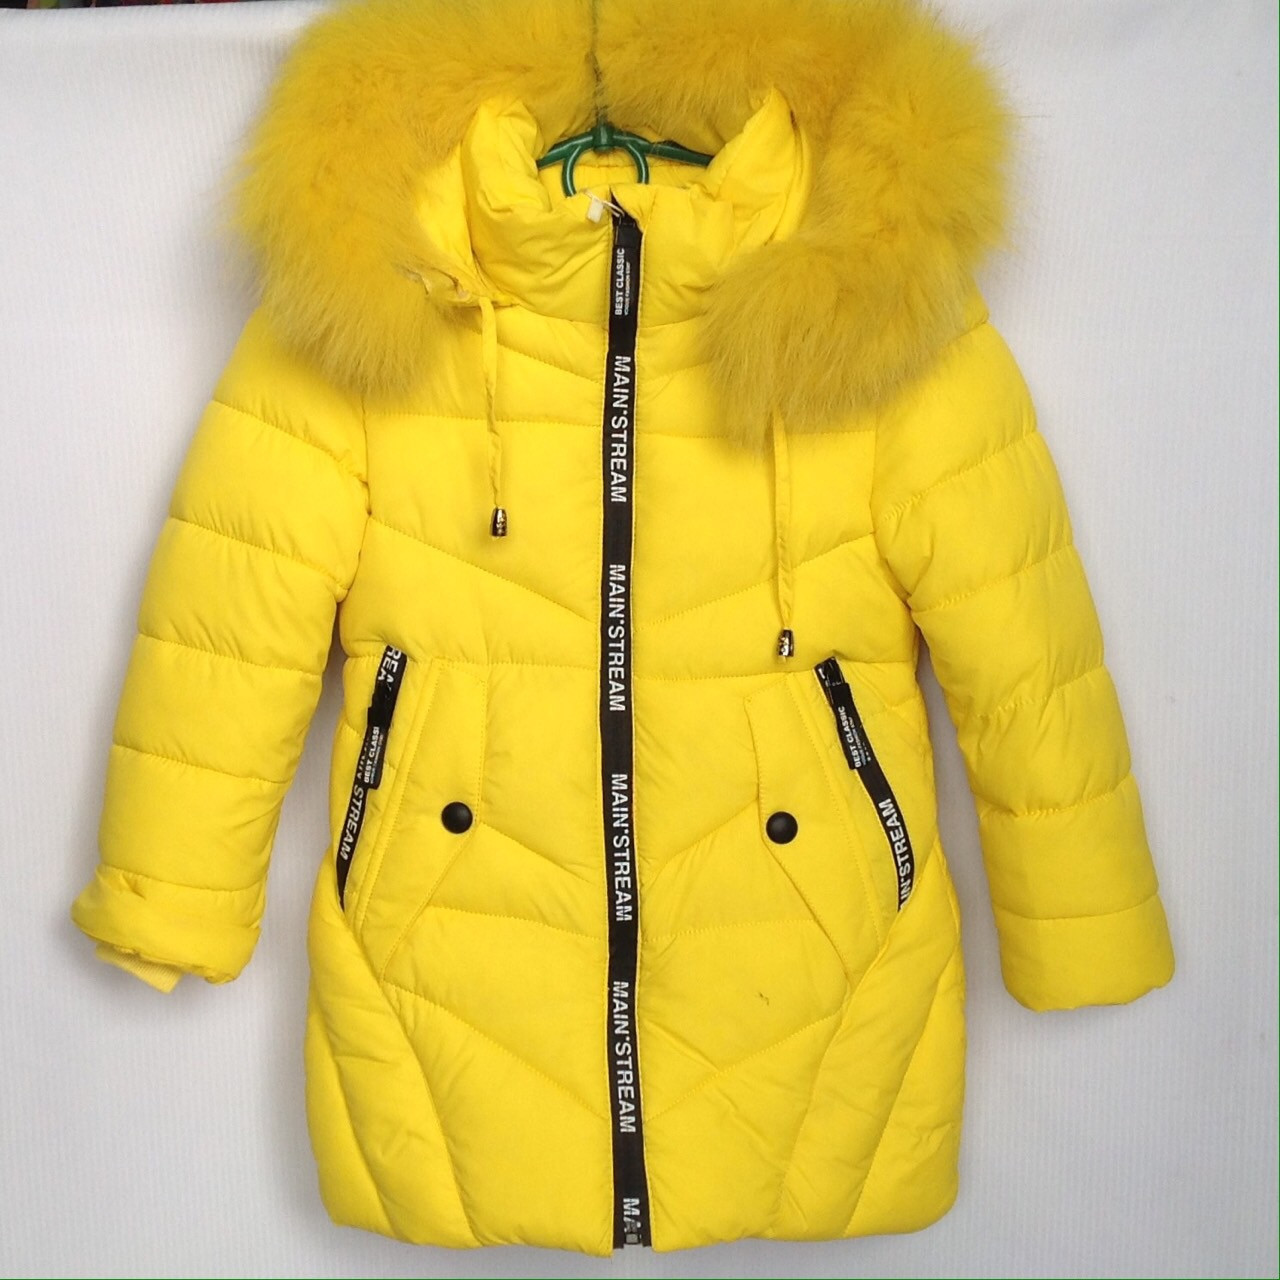 Куртка дитяча зимова оптом 104-128 - Товари - Дитячий одяг оптом ... e6aedcb16567e